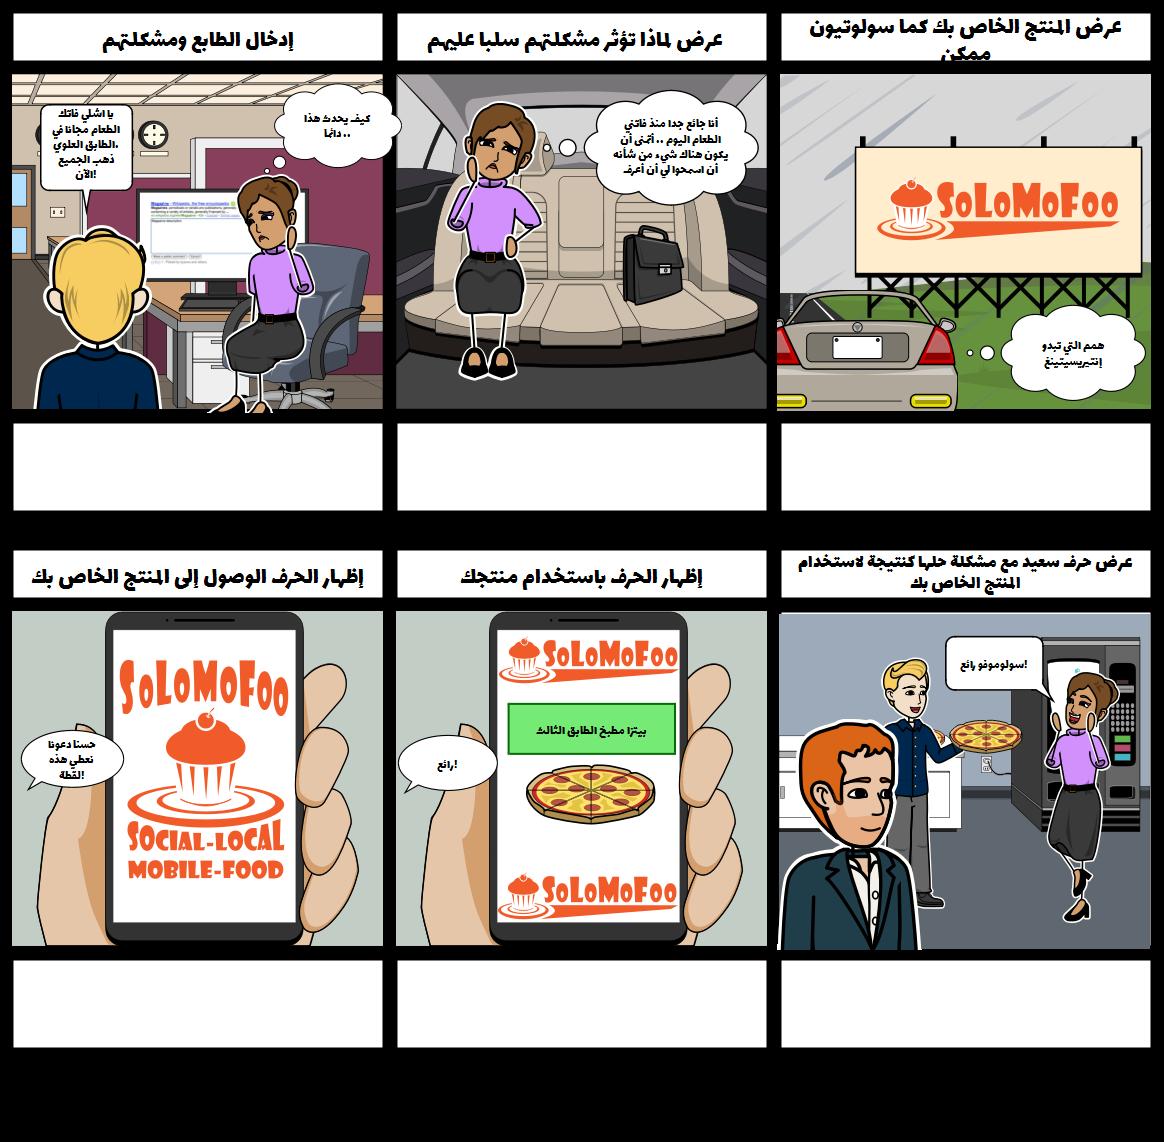 رحلة العملاء - مثال